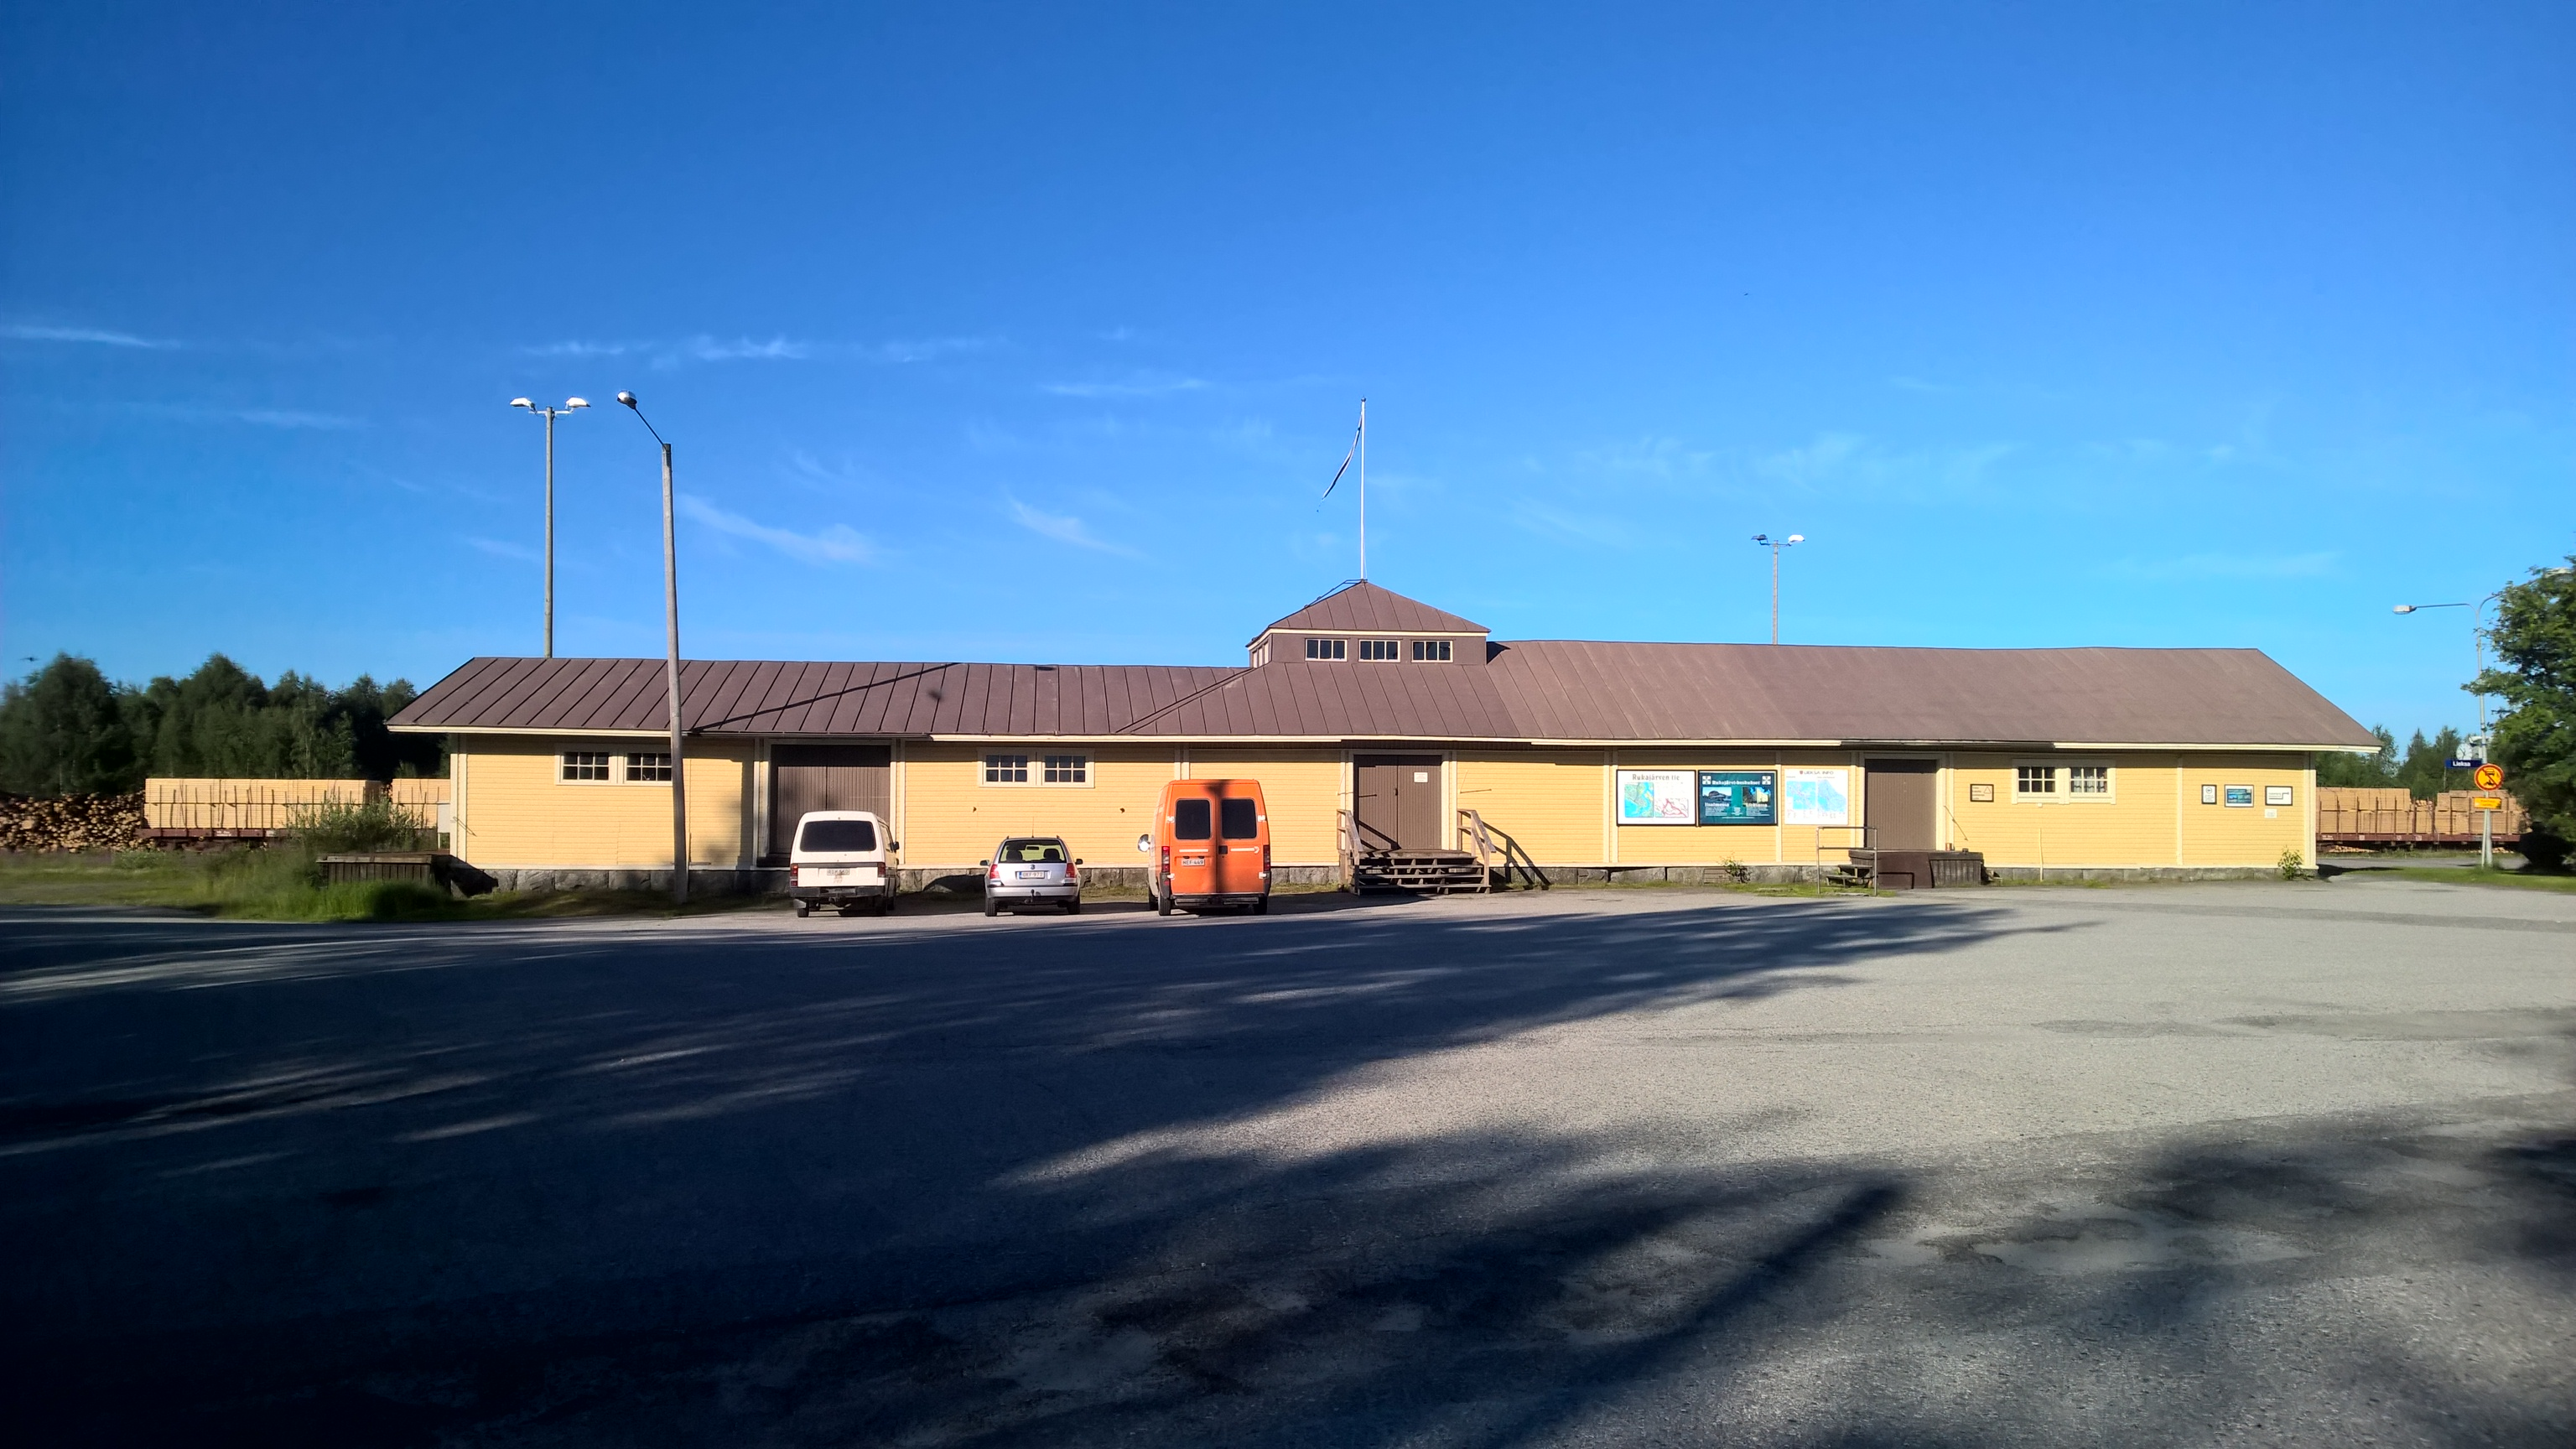 Rukajärvi-keskuksen piha-alue on yhdistyksen omistuksessa ja varattu keskuksen vieraiden paikoitusta varten.